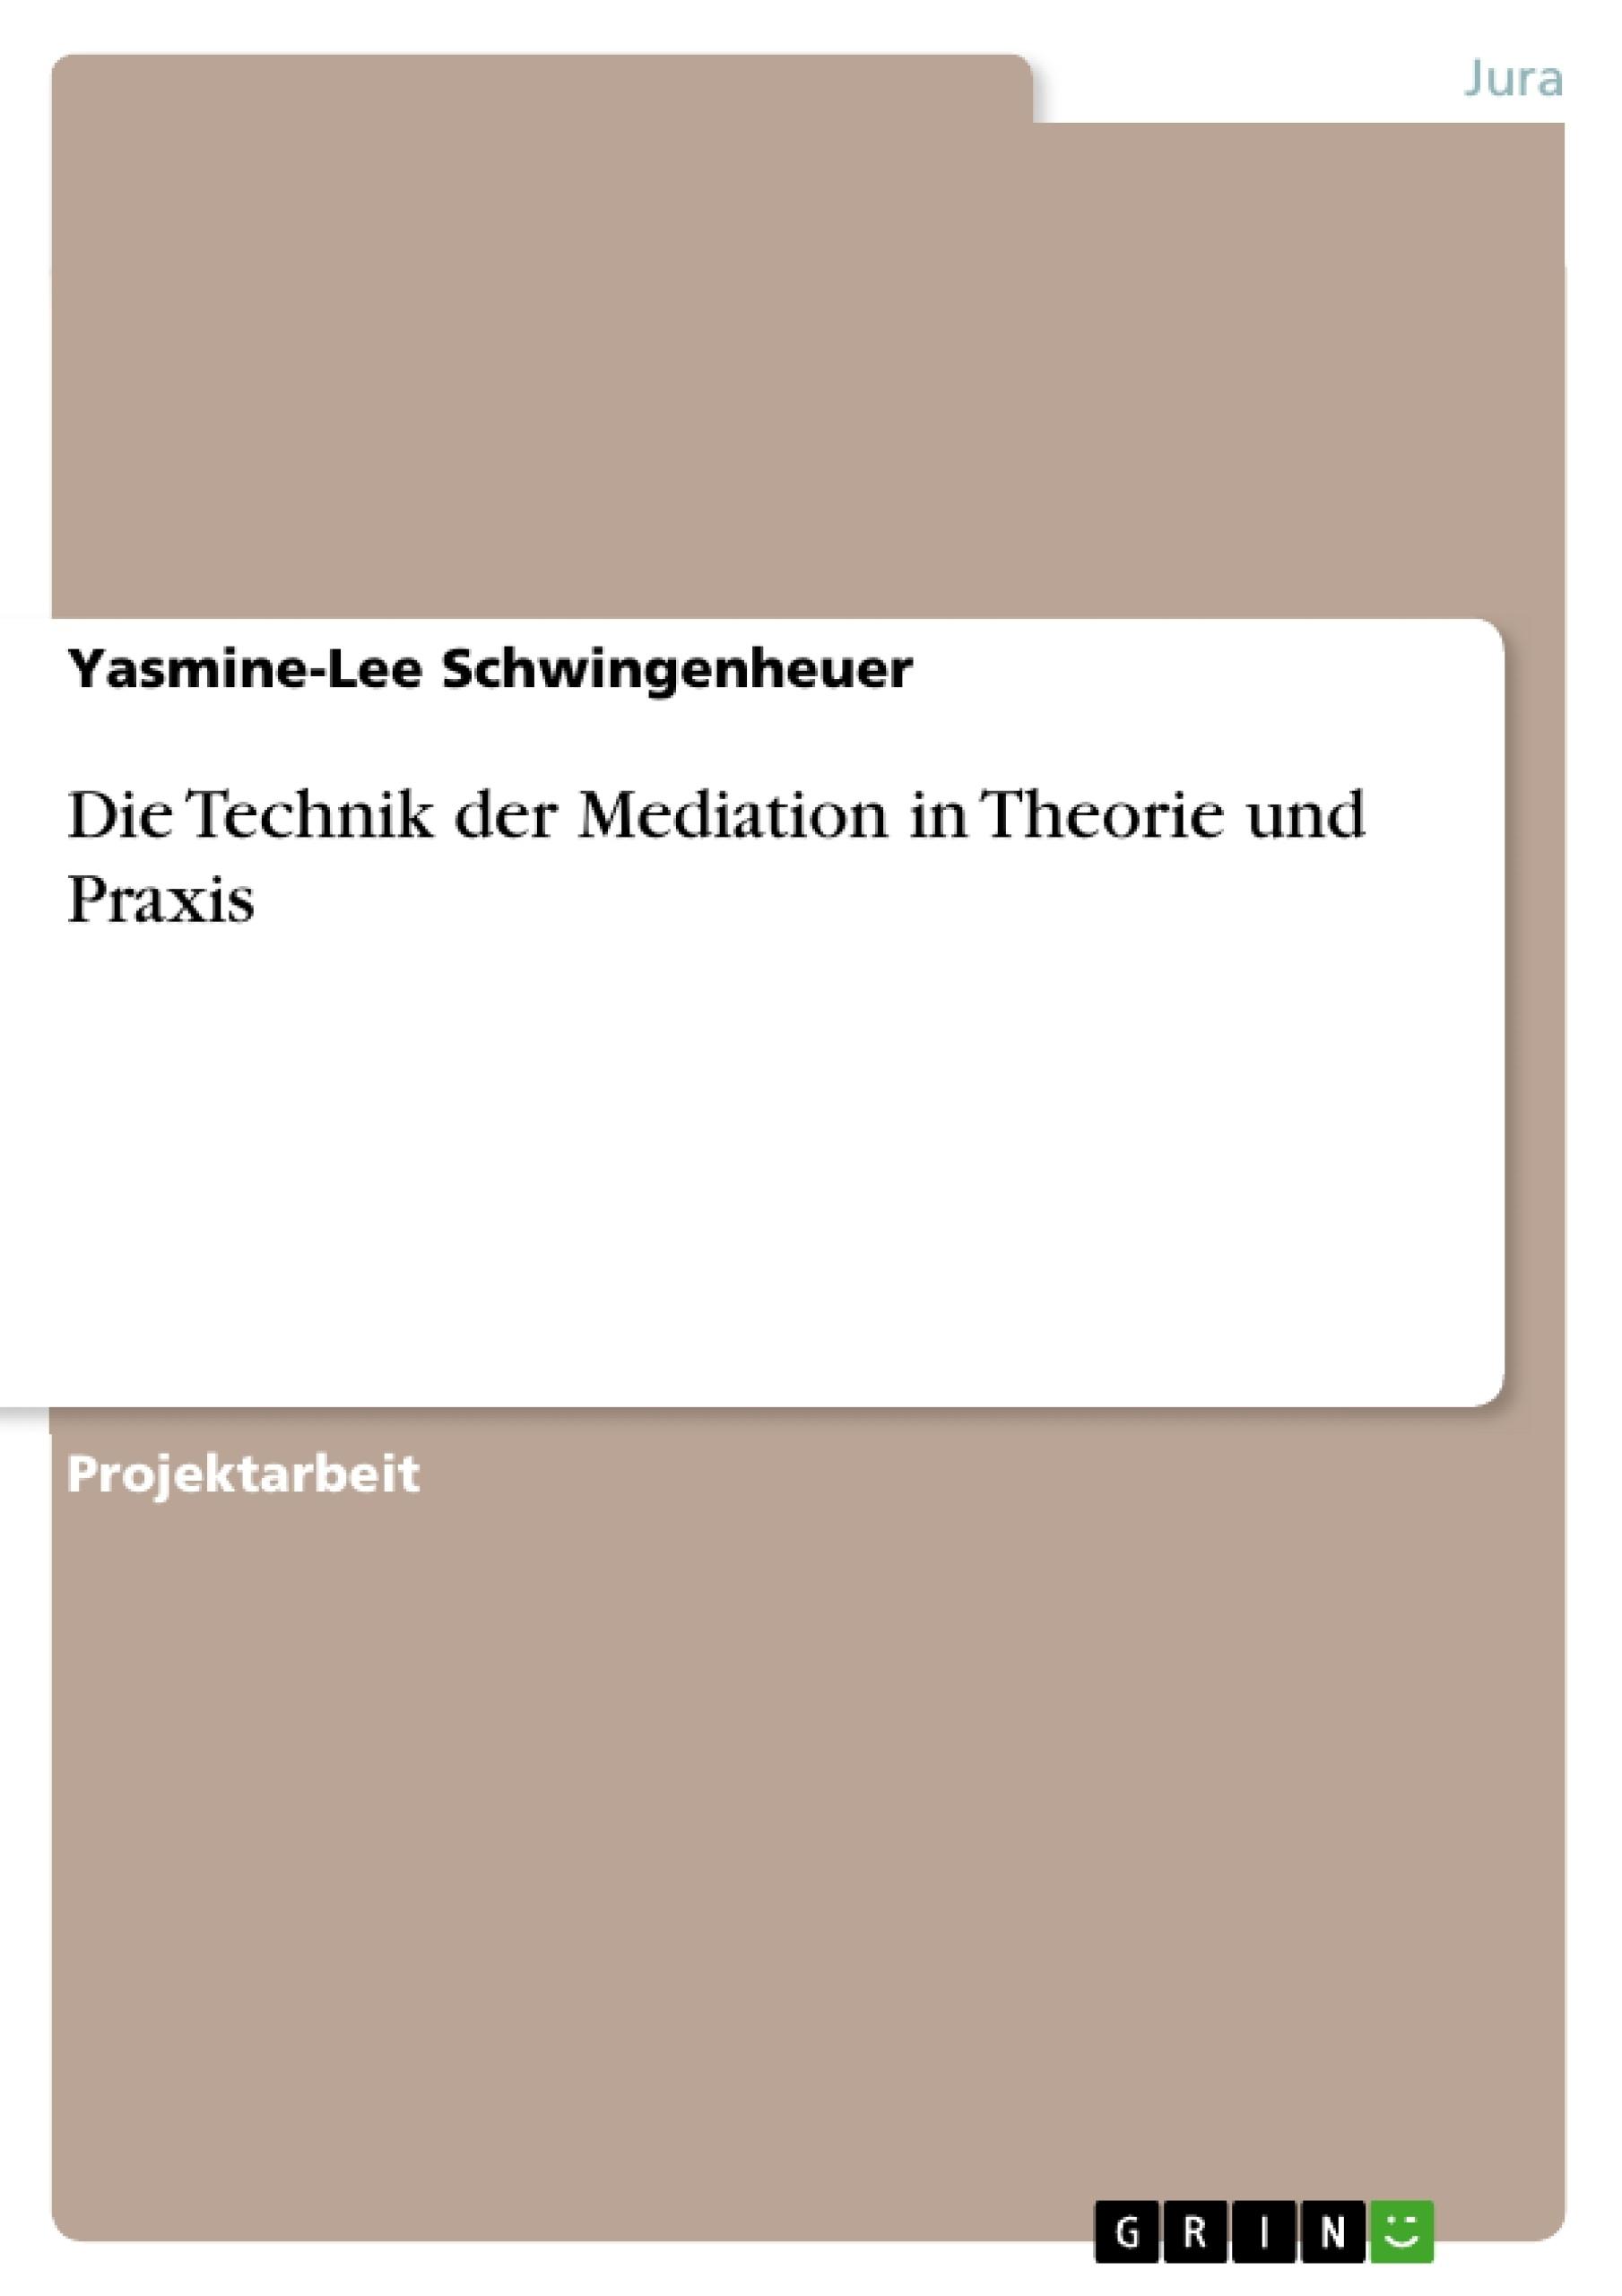 Titel: Die Technik der Mediation in Theorie und Praxis